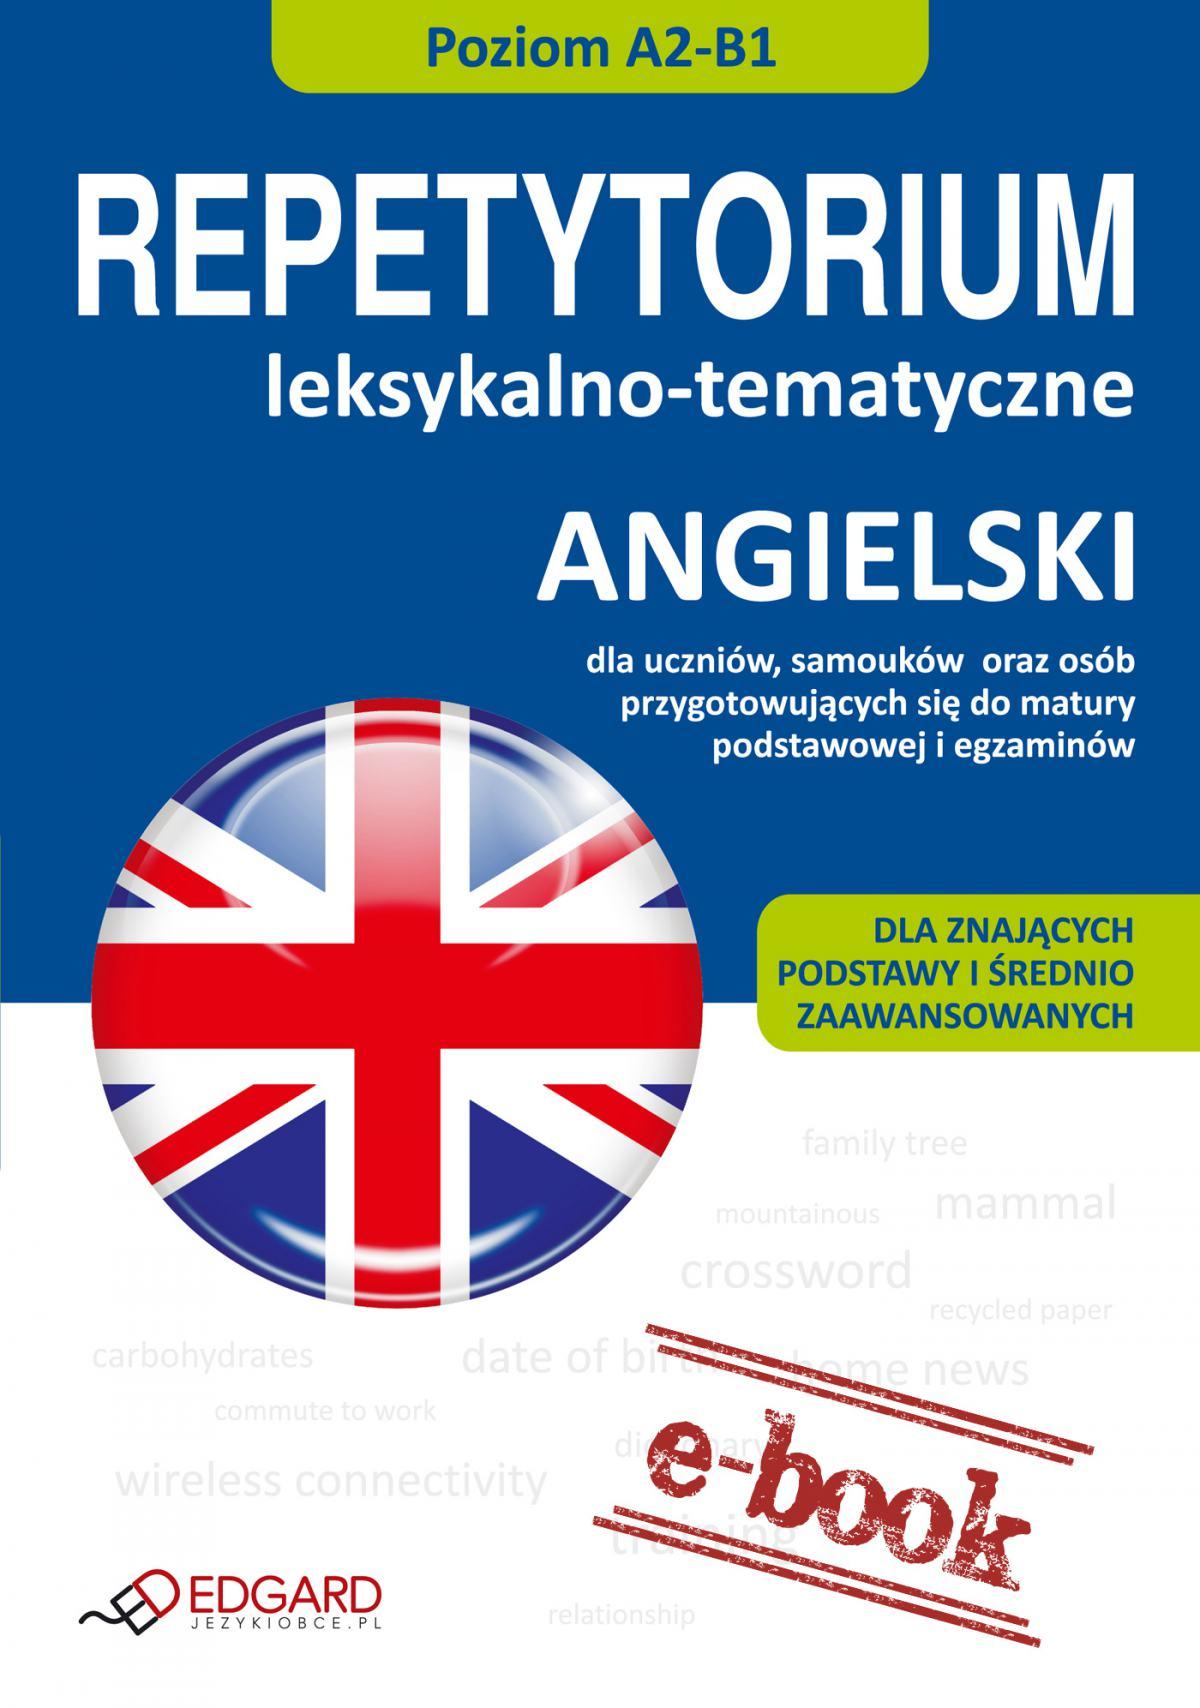 Angielski - Repetytorium leksykalno-tematyczne A2-B1 - Ebook (Książka EPUB) do pobrania w formacie EPUB